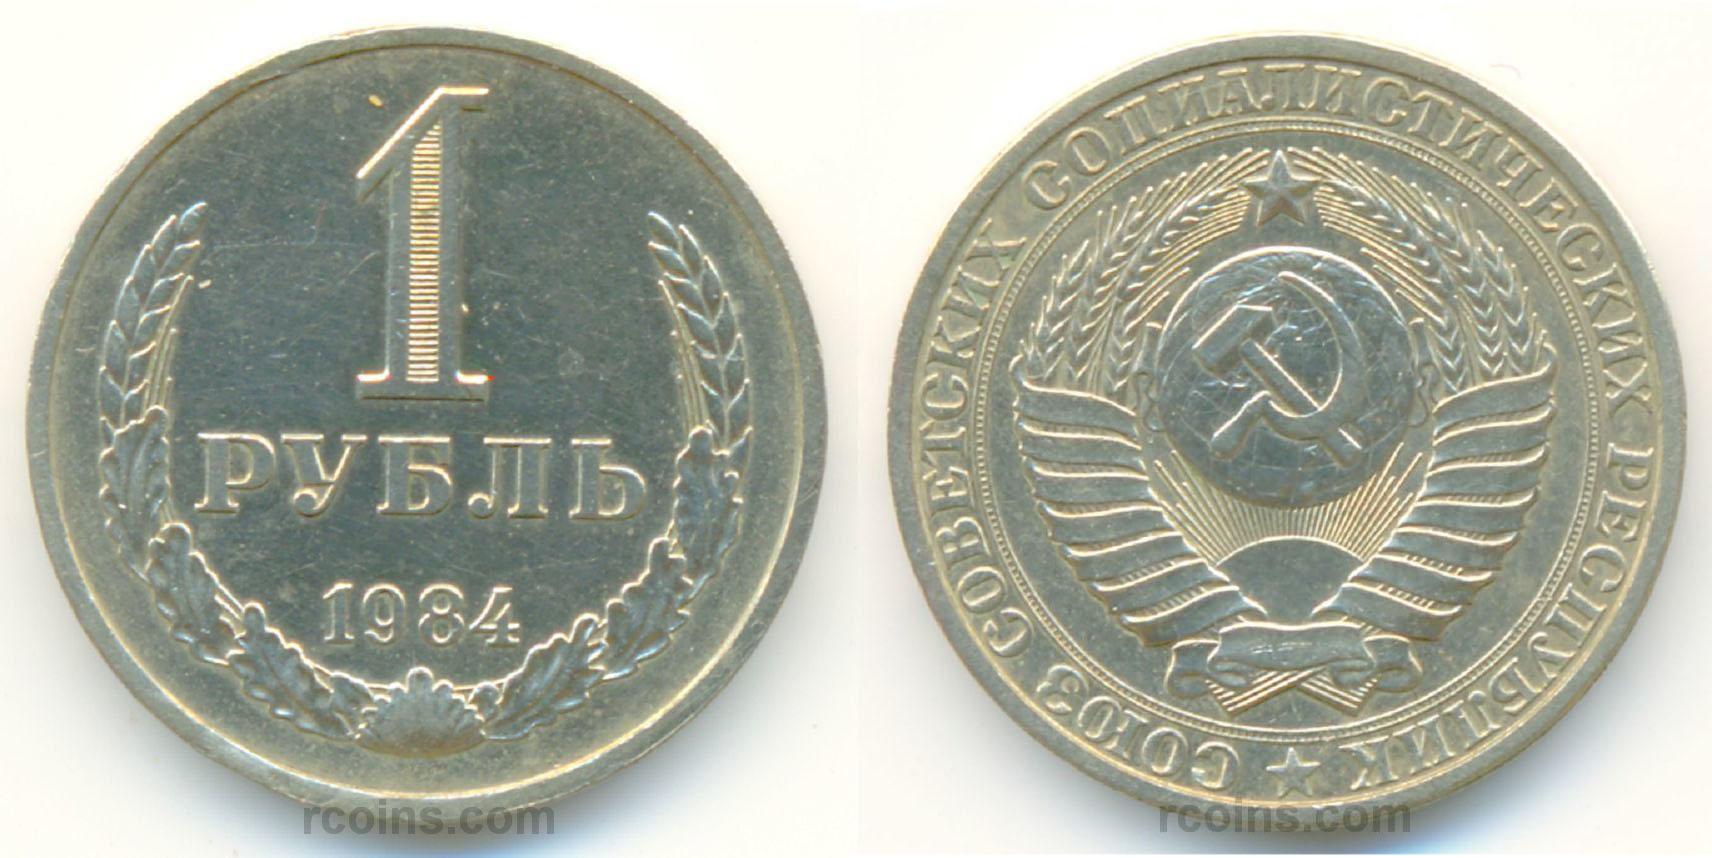 a1-rubl-1984.jpg